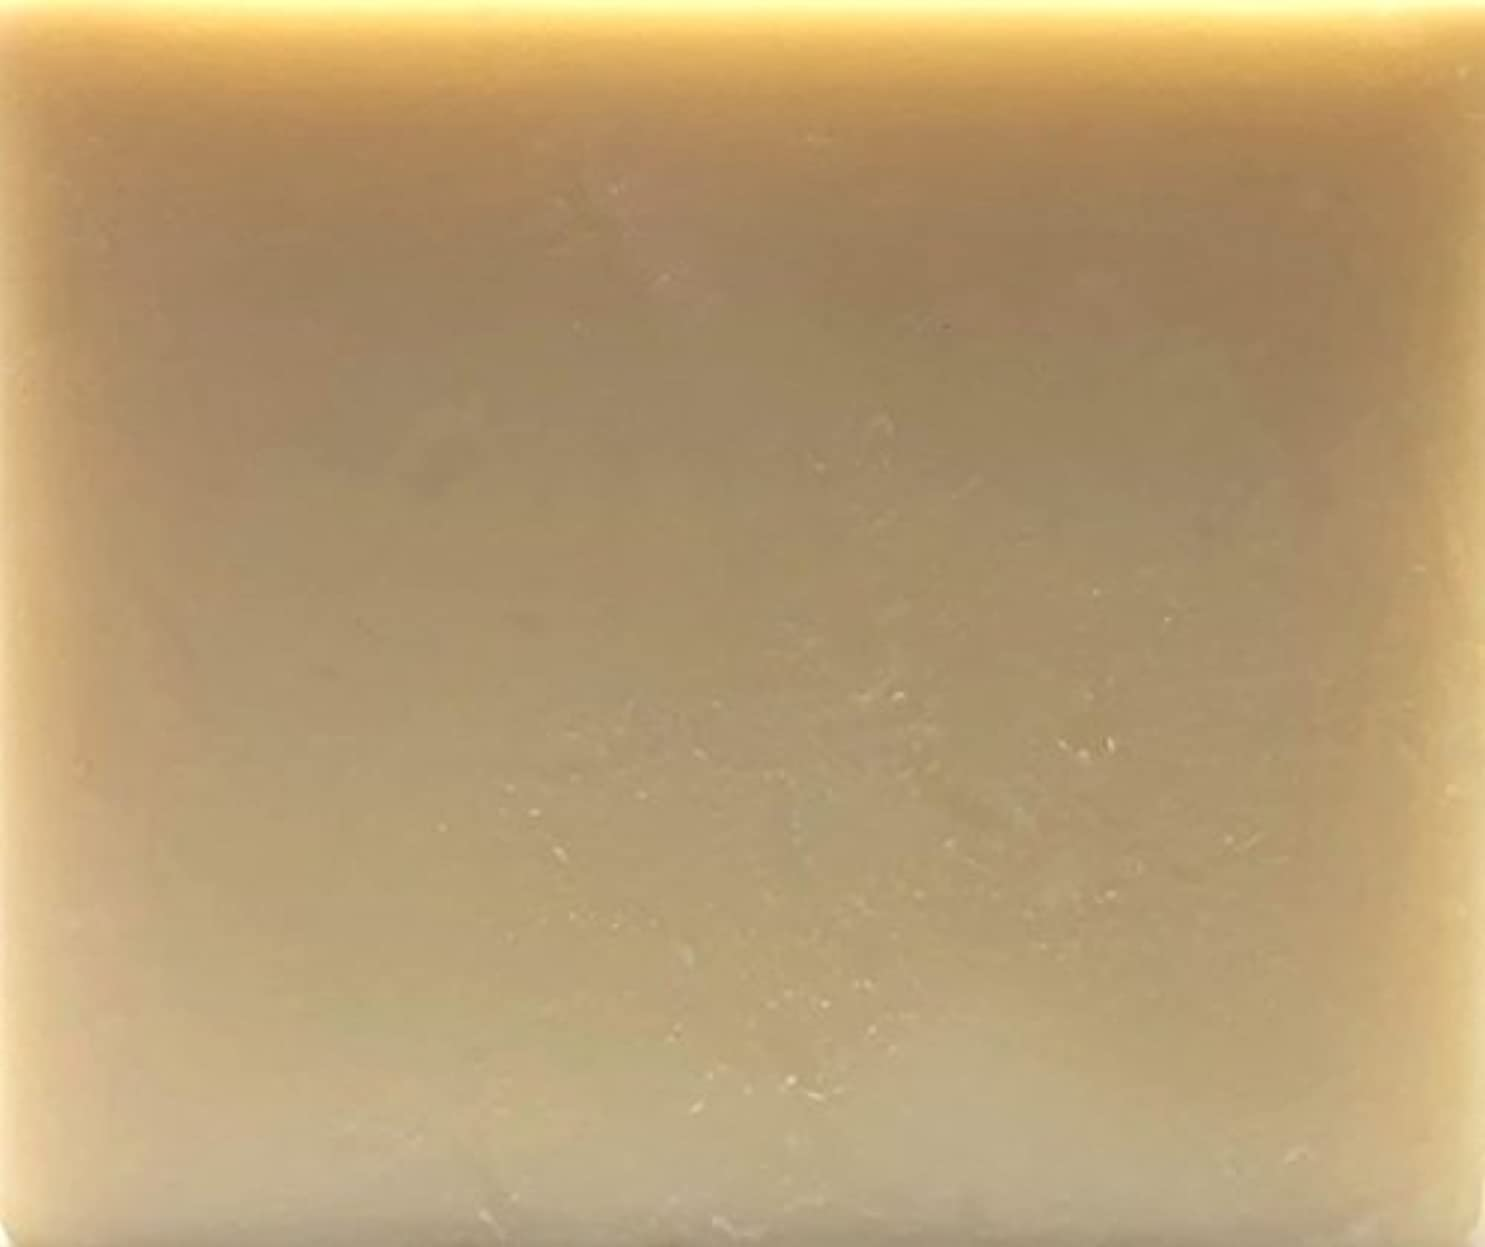 初期のチャームアダルト篠山石鹸 クロモジ 90g 自家製精油でコールドプロセス製法で作った手作り石けん